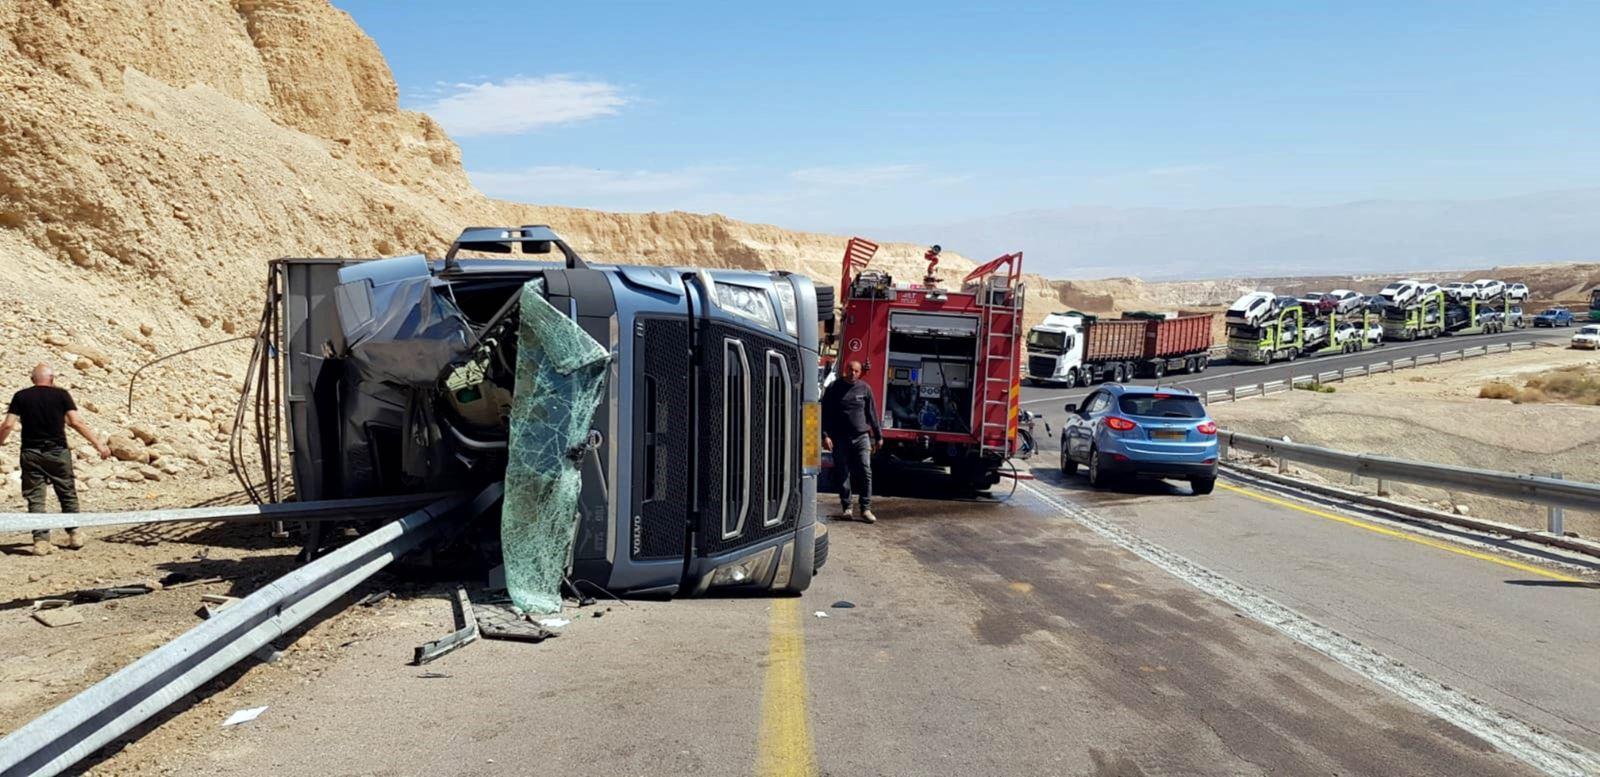 שוב תאונה על כביש 90 בערבה - משאית להובלת בקר התהפכה - הנהג פונה במצב בינוני לסורוקה